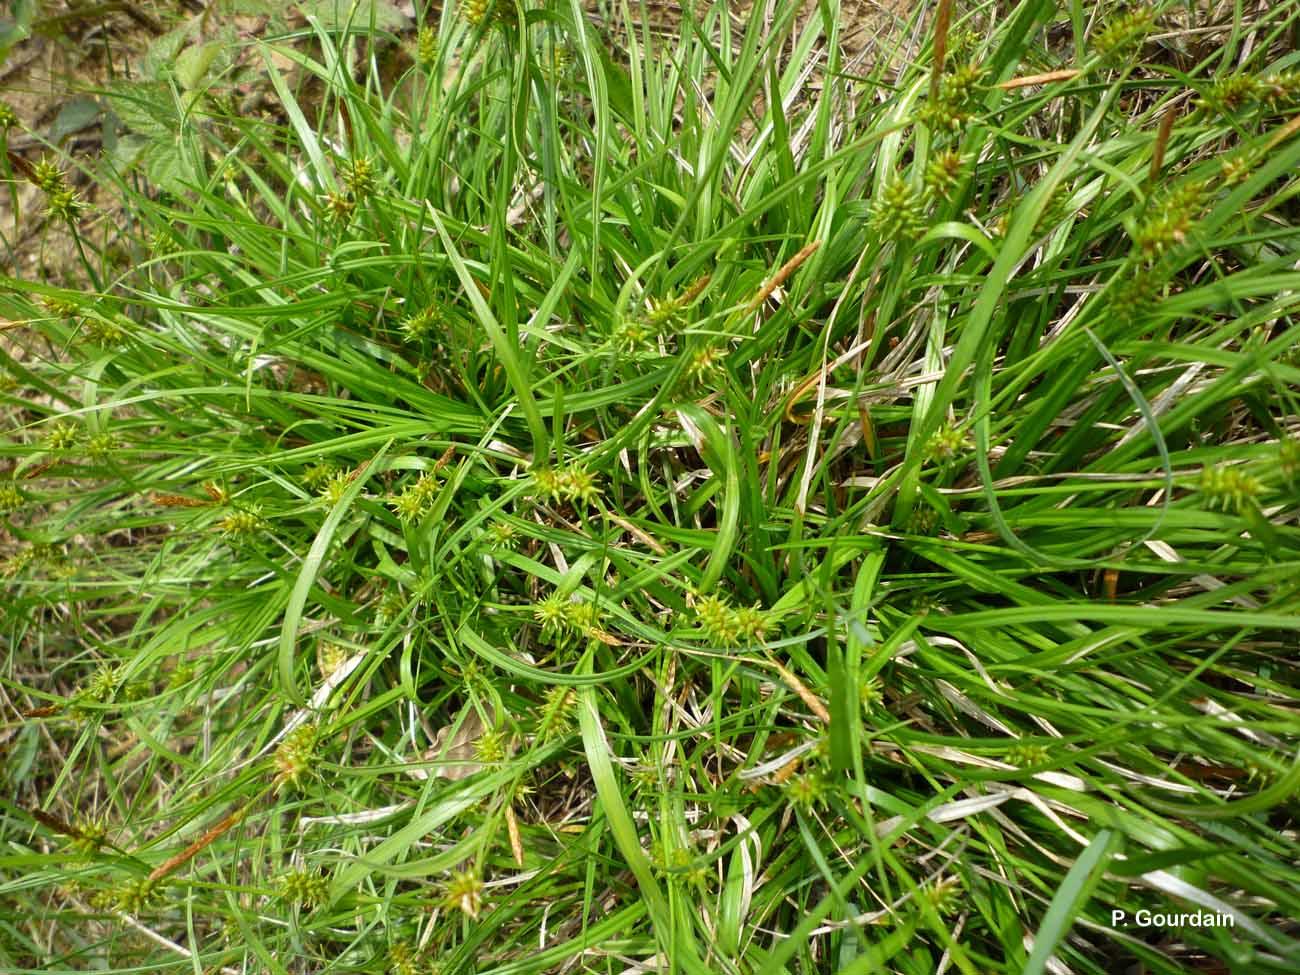 Carex demissa Vahl ex Hartm., 1808 © P. Gourdain